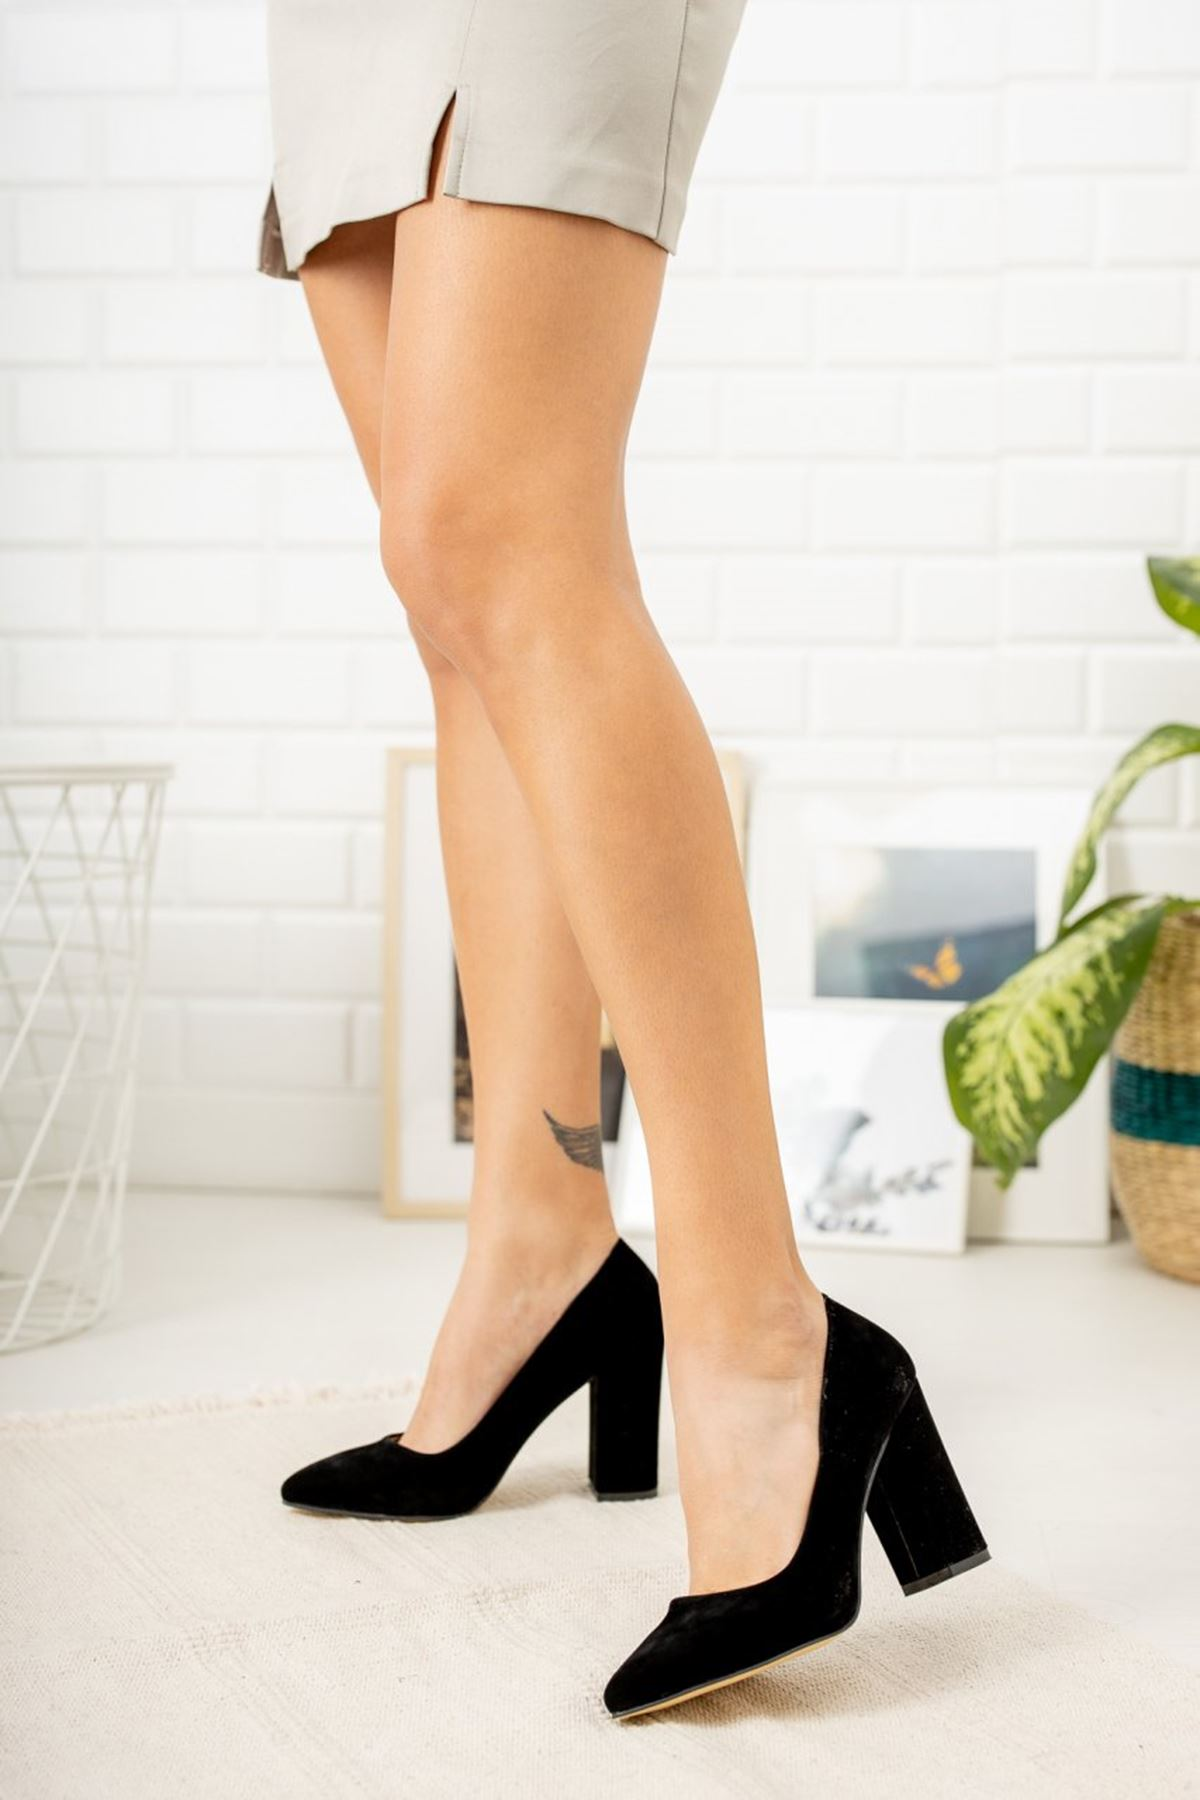 Kadın Kalvi Kalın Topuk Siyah Süet Stiletto